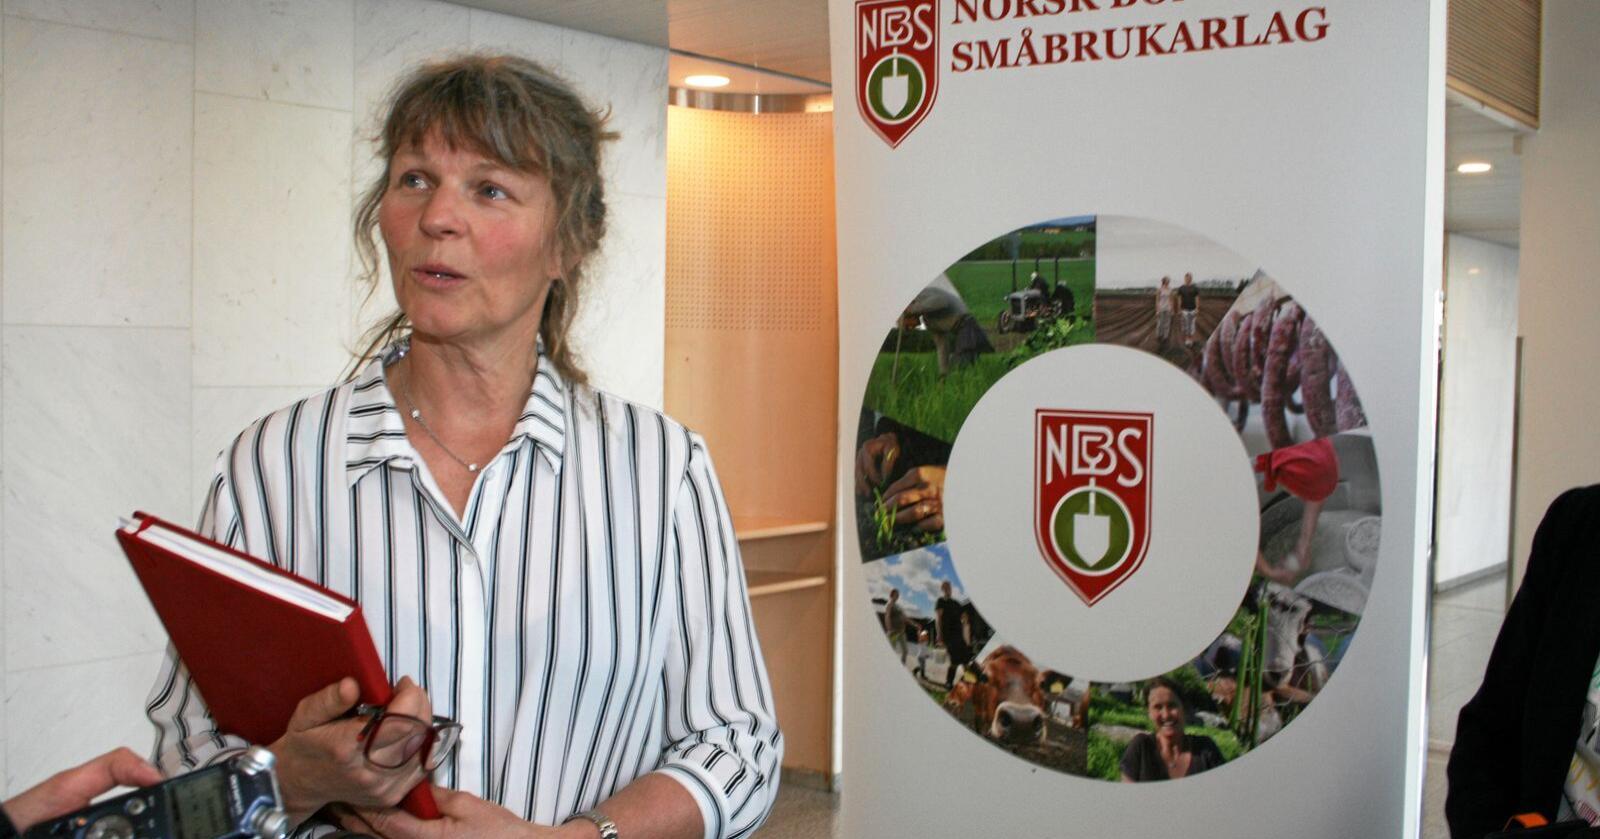 Umogleg: Kjersti Hoff, leiar i Norsk Bonde- og Småbrukarlag, tar til orde for at det er umogleg å gjennomføre vanlege jordbruksforhandlingar i år. Foto: Bjarne Bekkeheien Aase